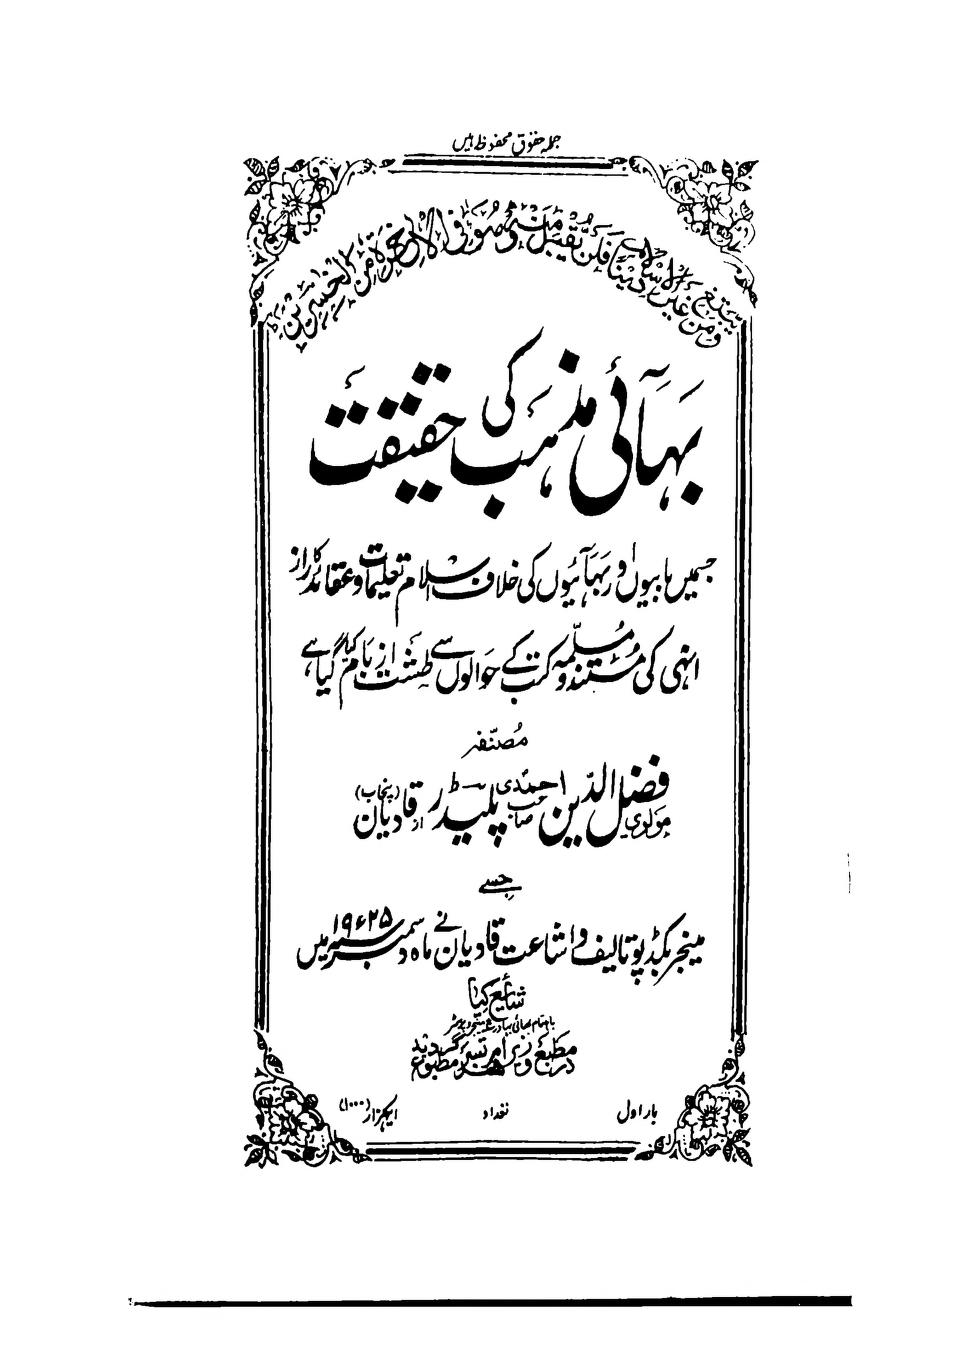 بہائی مذہب کی حقیقت ۔ فضل الدین صاحب احمدی